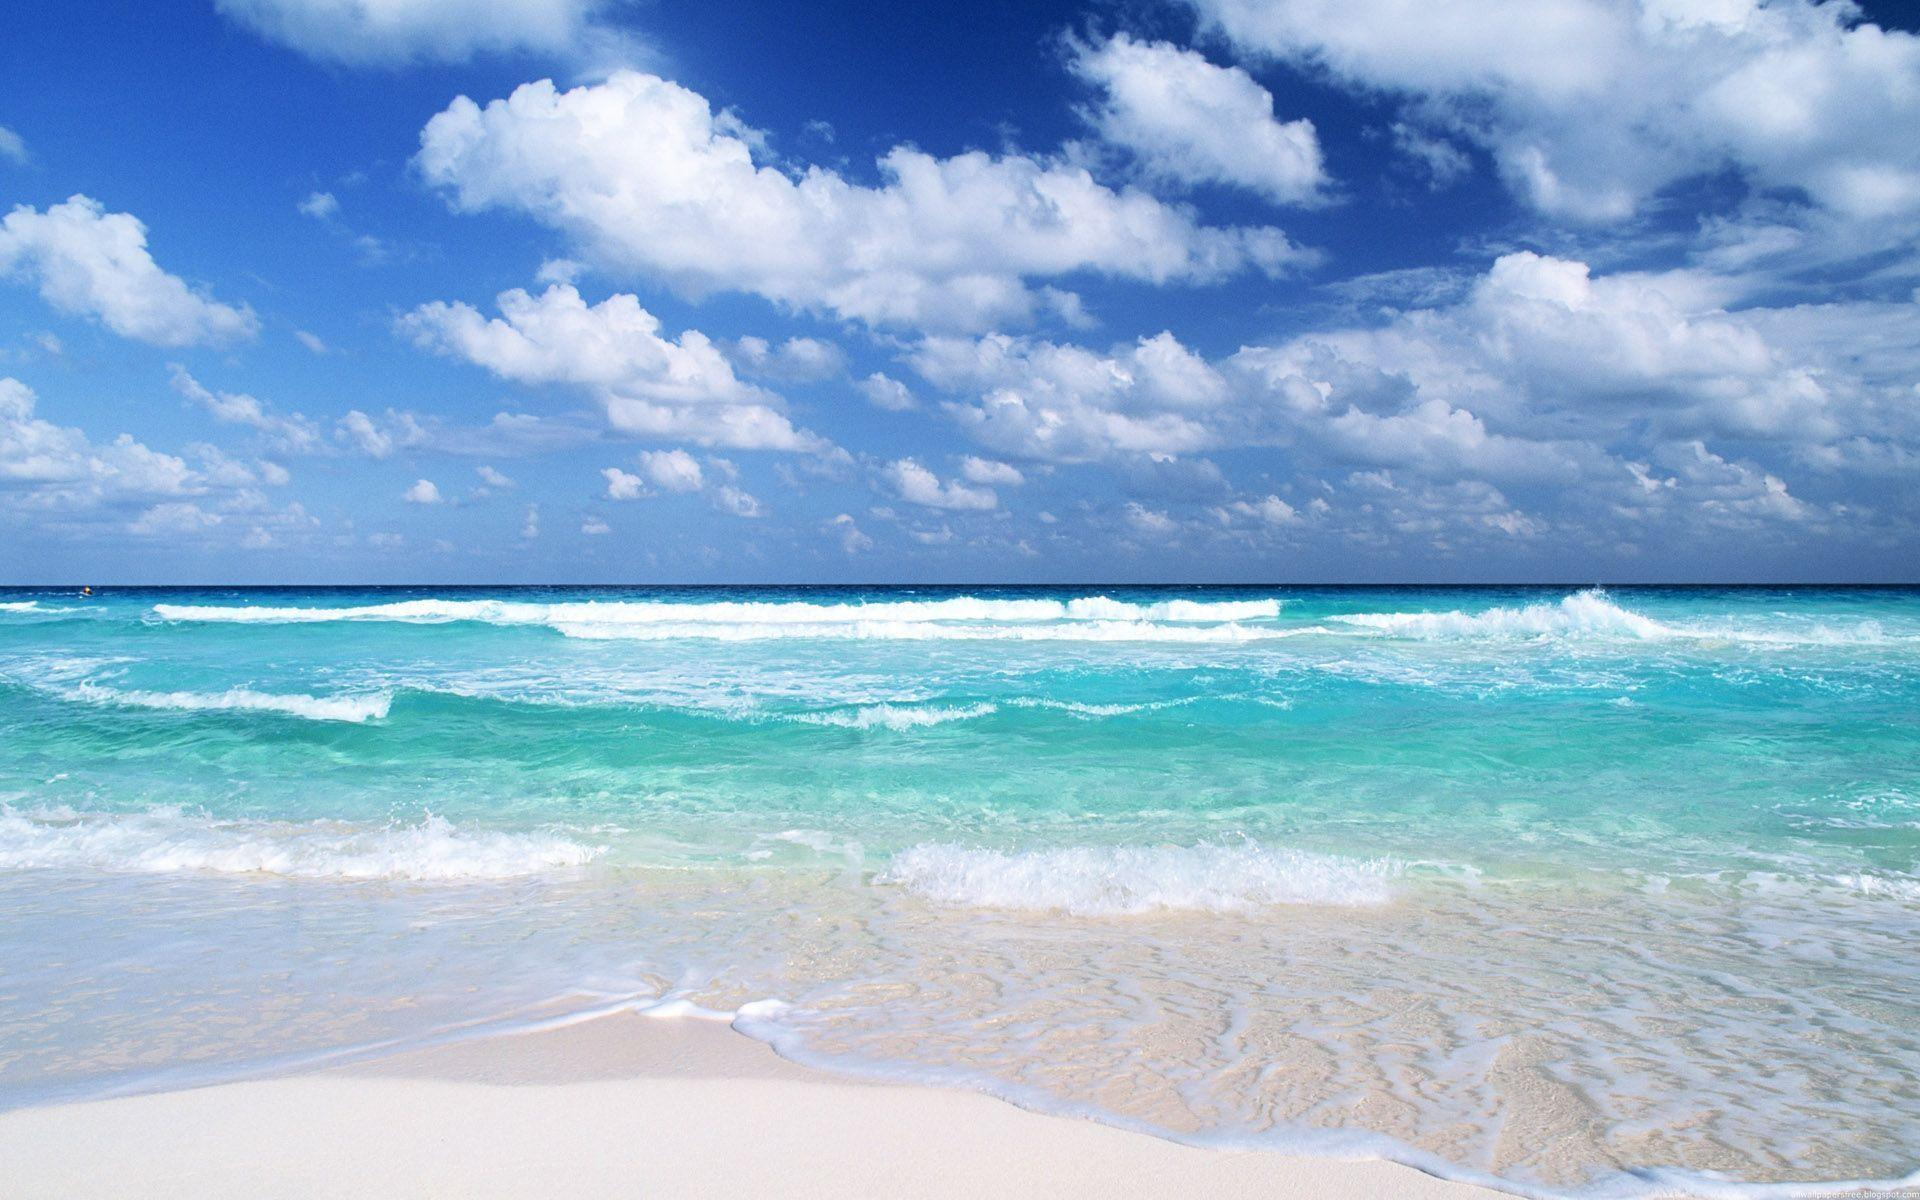 HD Beach Desktop Backgrounds - Wallpaper Cave